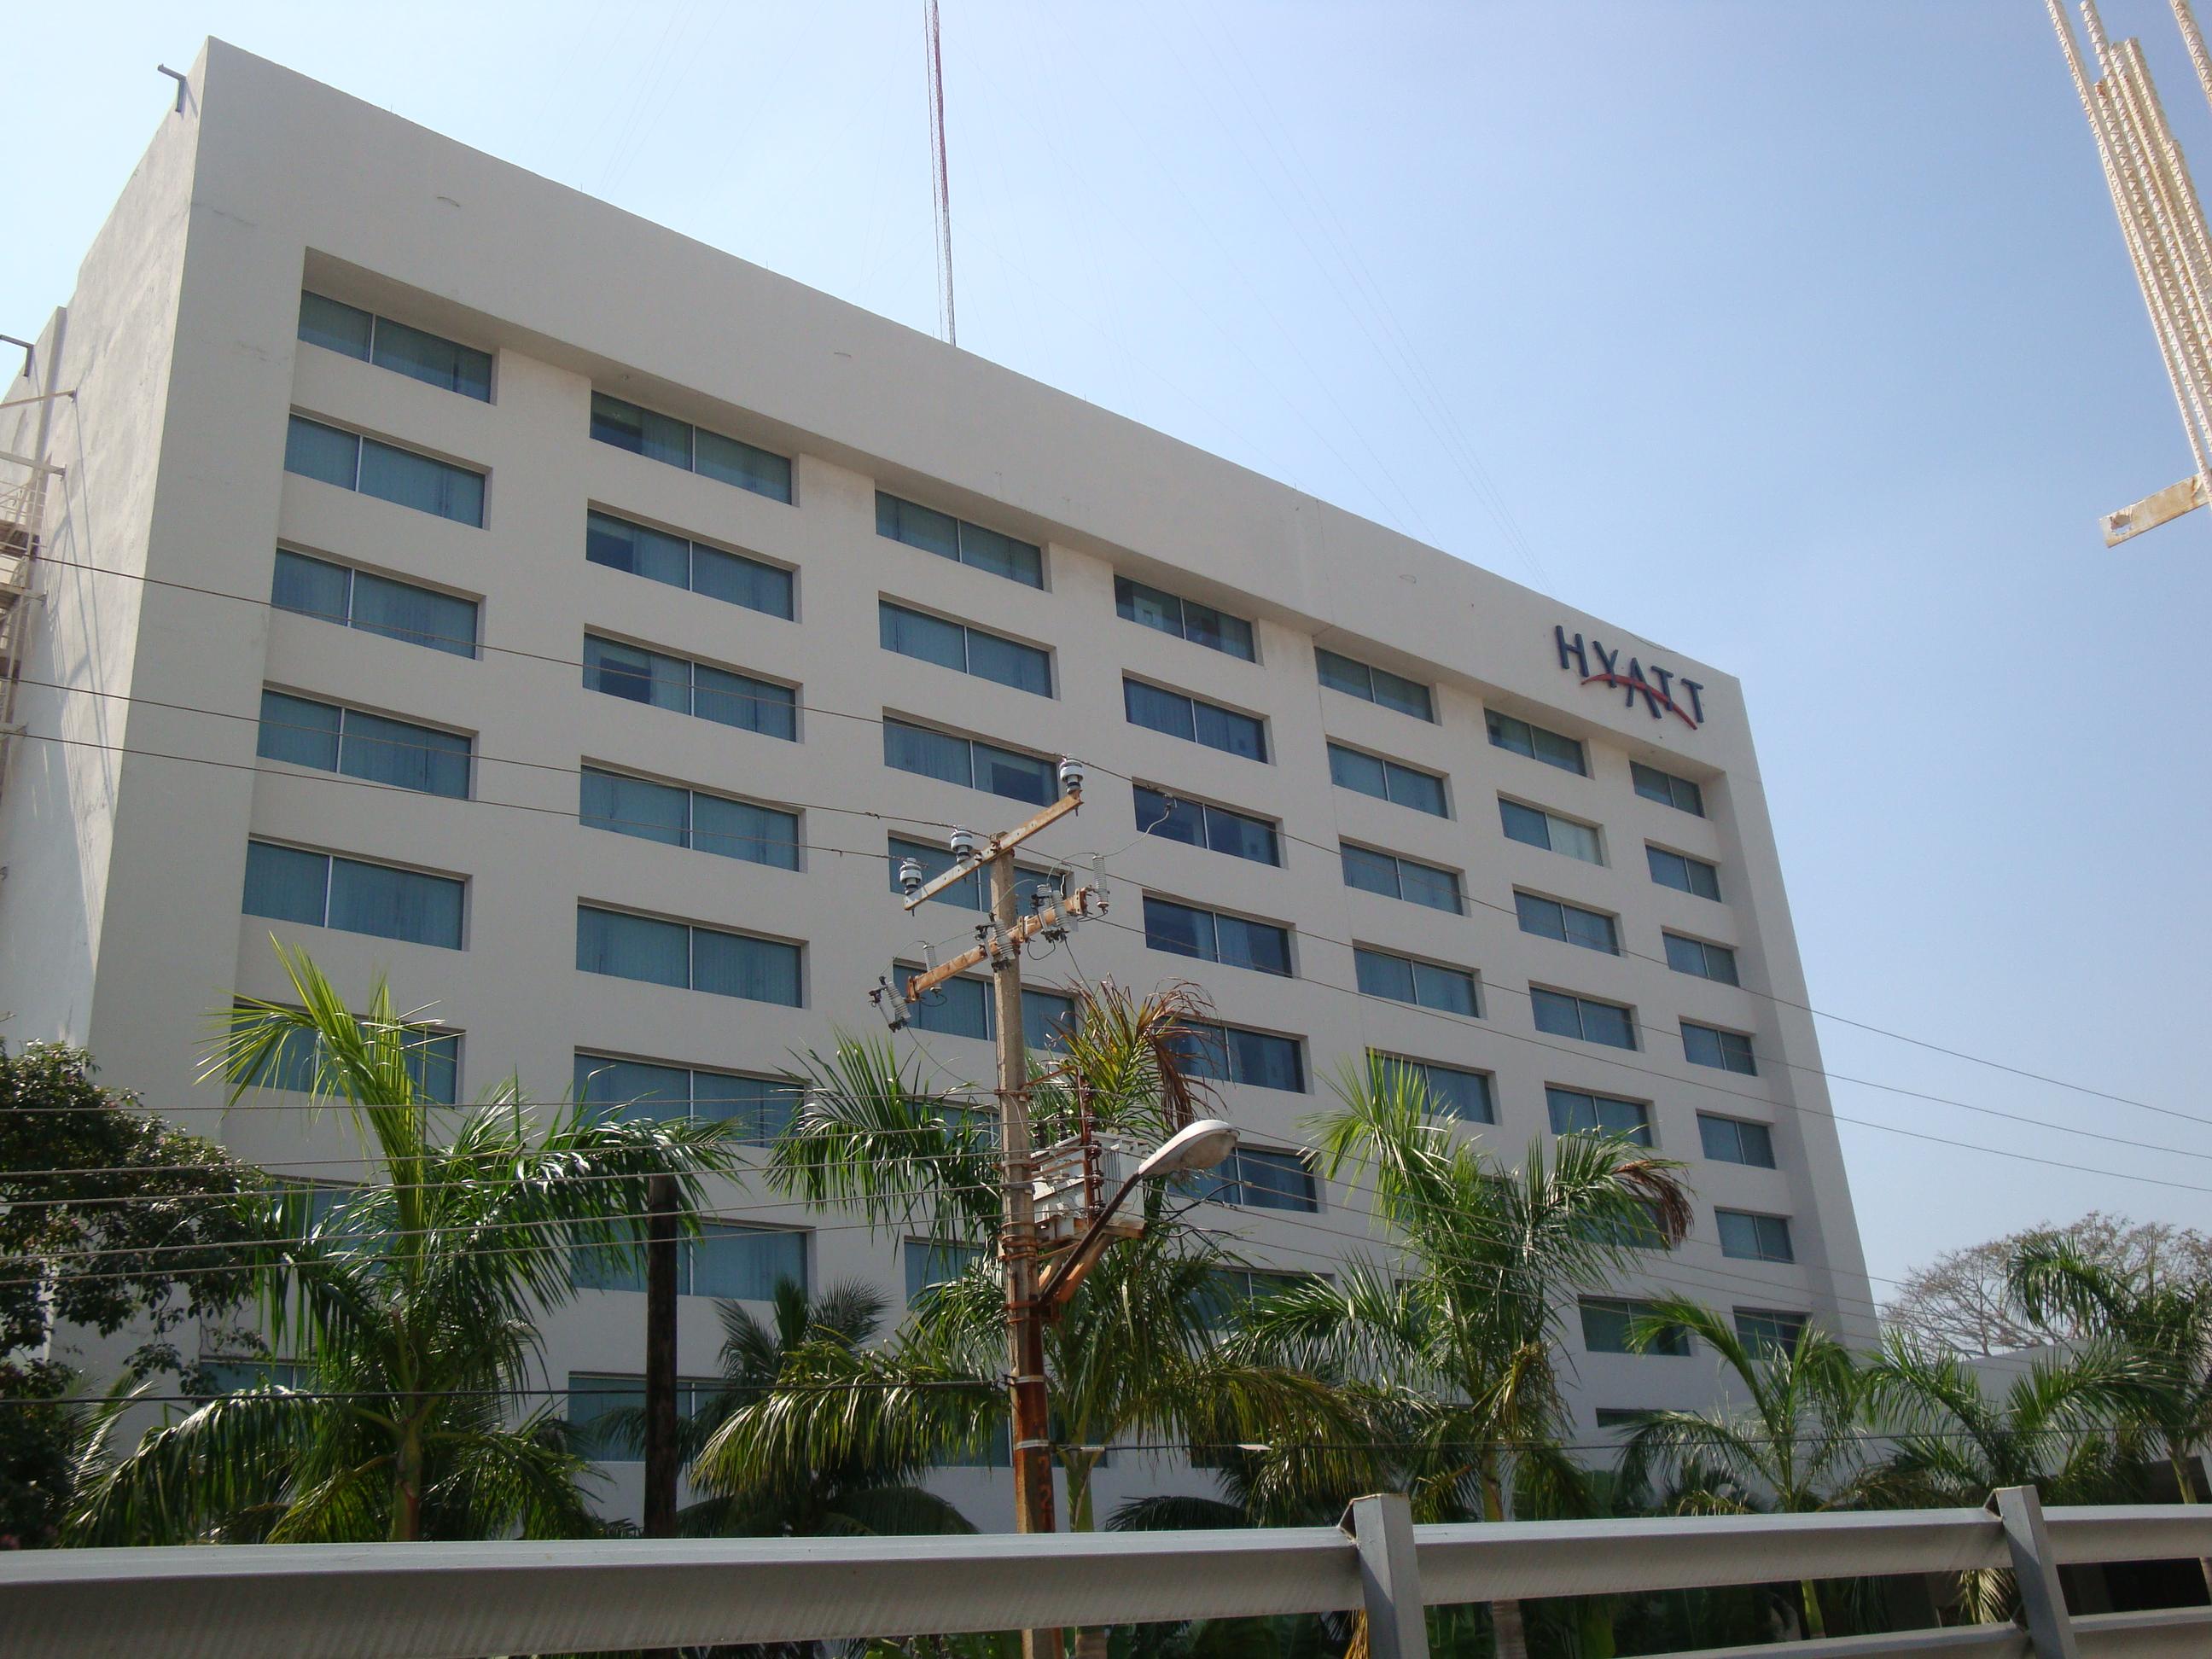 Http Www Hotel Orion Ru Site Aspx Iid